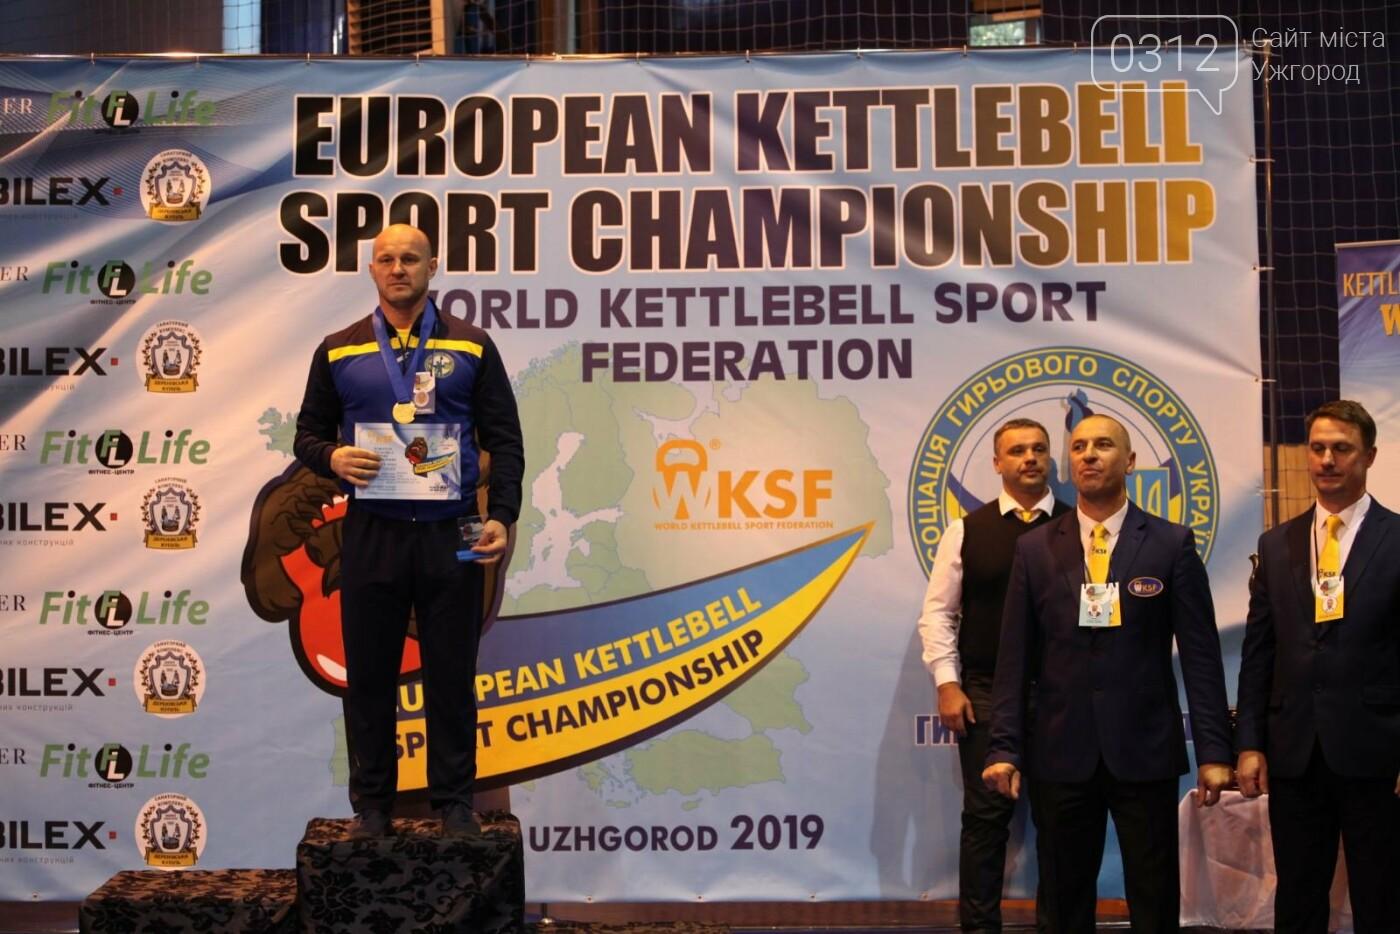 Троє закарпатців вибороли золото на Чемпіонаті Європи з гирьового спорту (ФОТО), фото-3